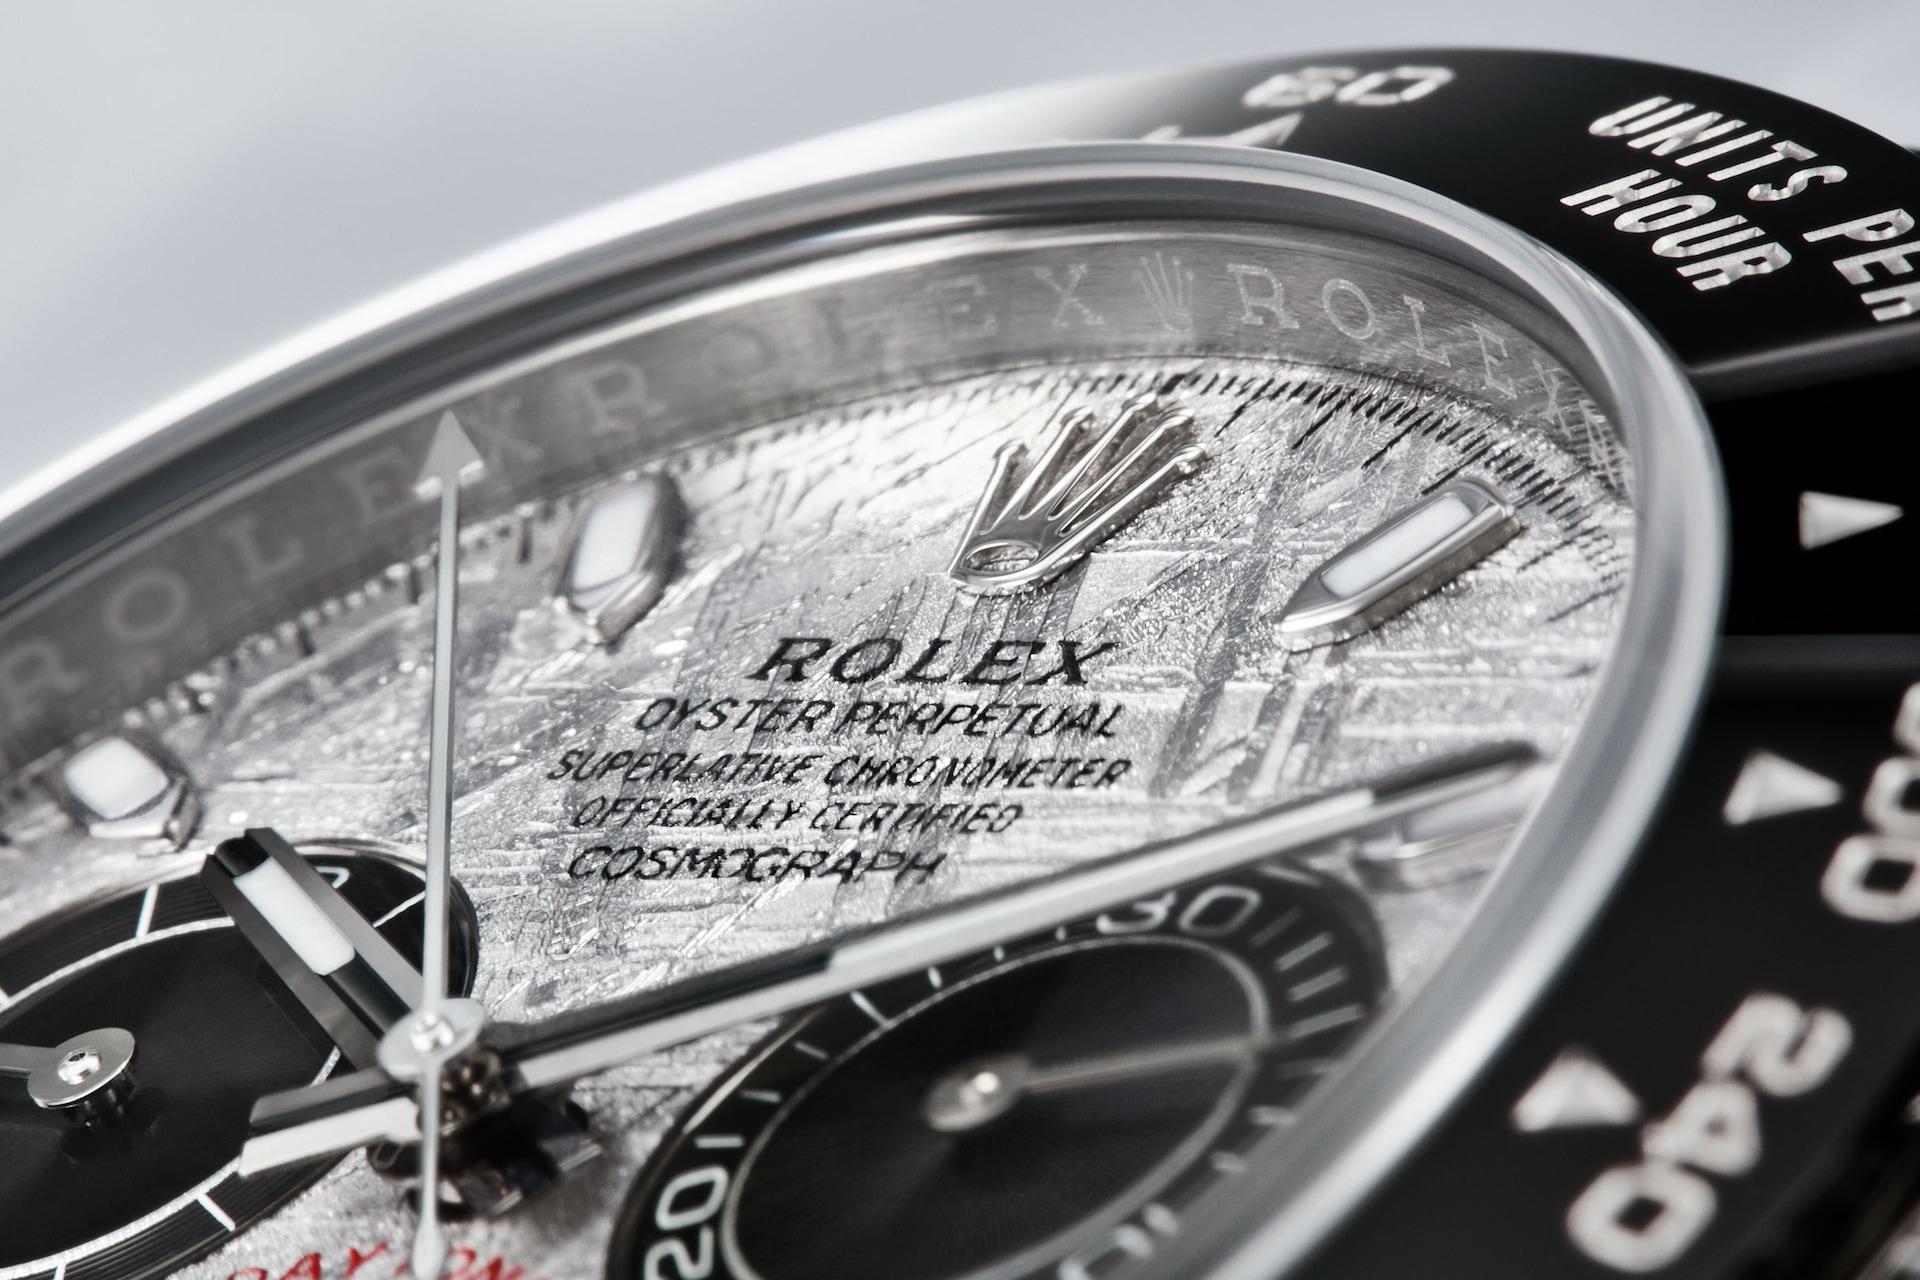 Rolex Cosmograph Daytona 116519 Detalle esfera y bisel